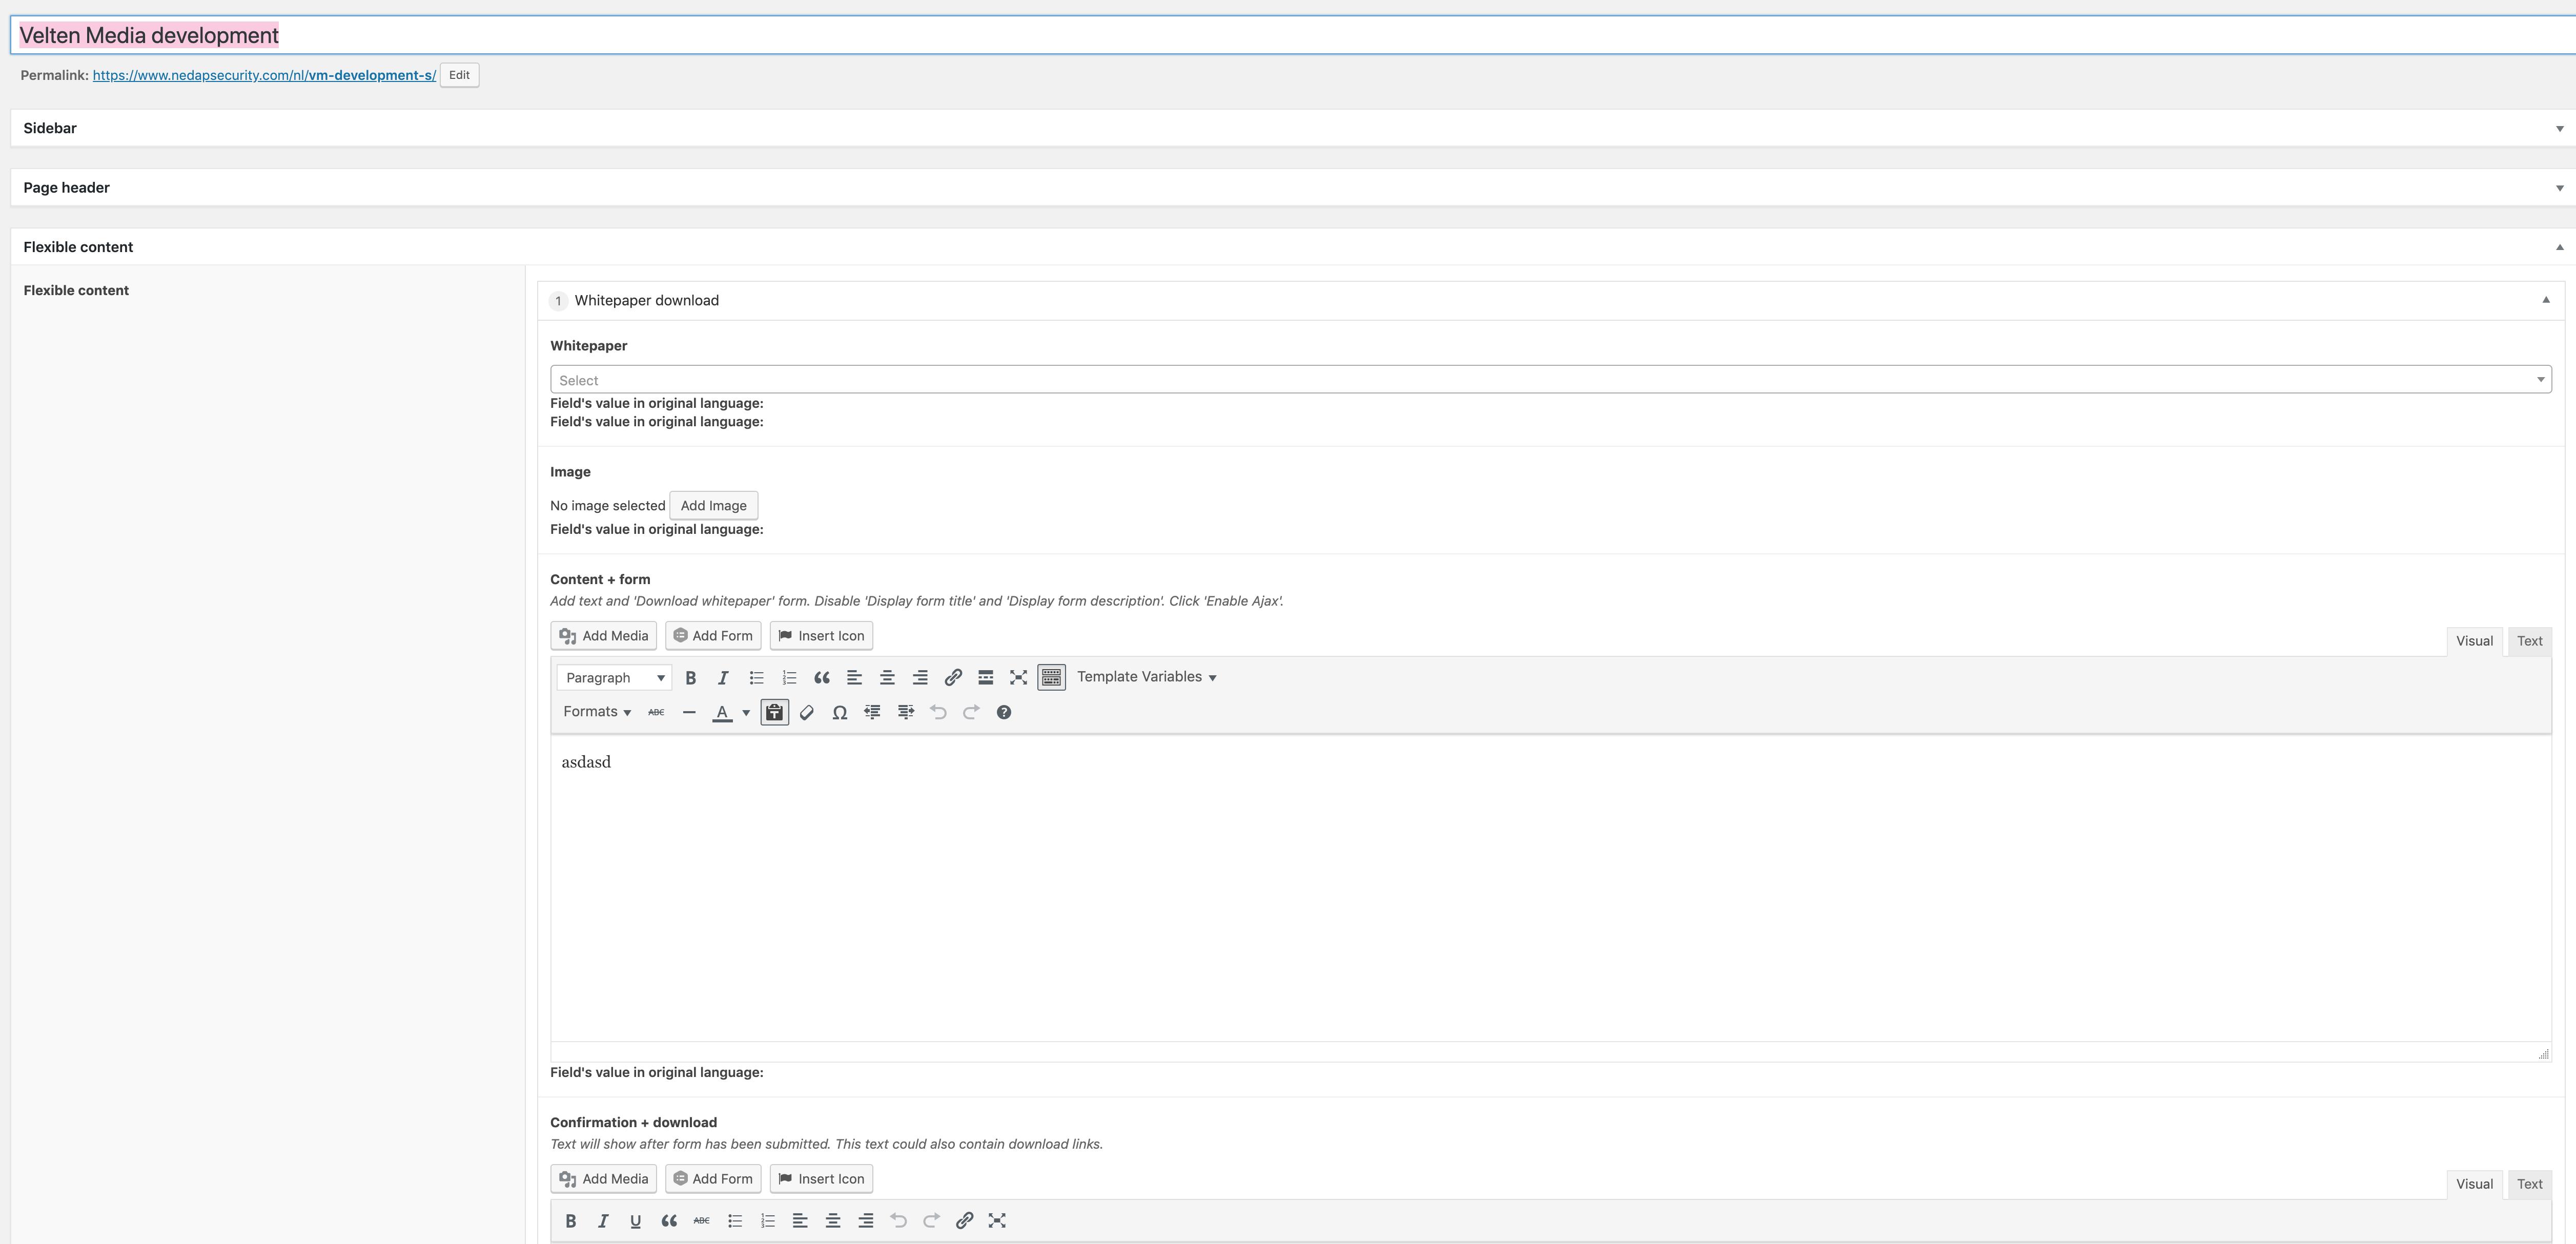 Screenshot 2019-07-01 at 11.56.12.png